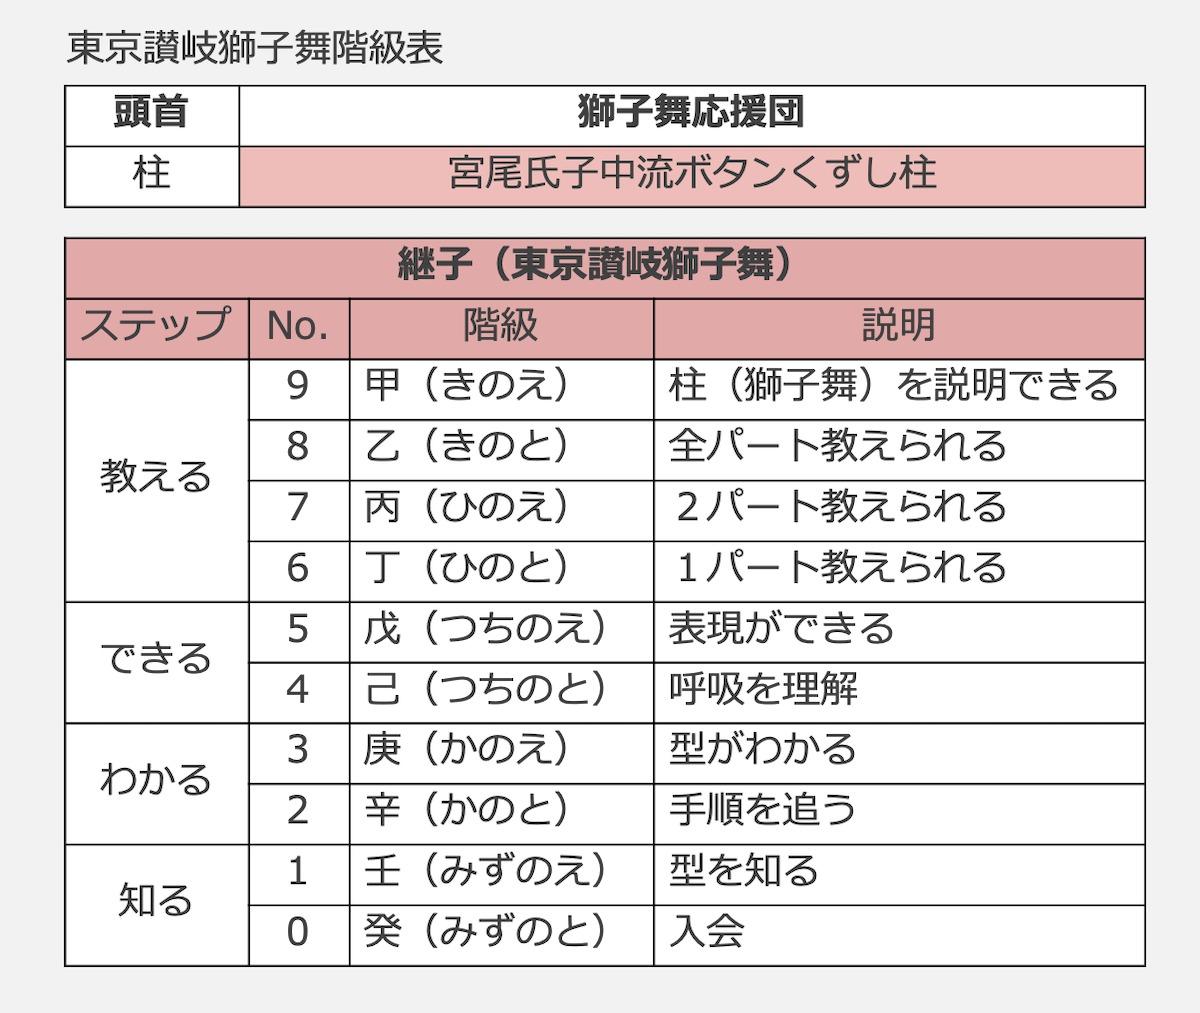 東京讃岐獅子舞の階級表